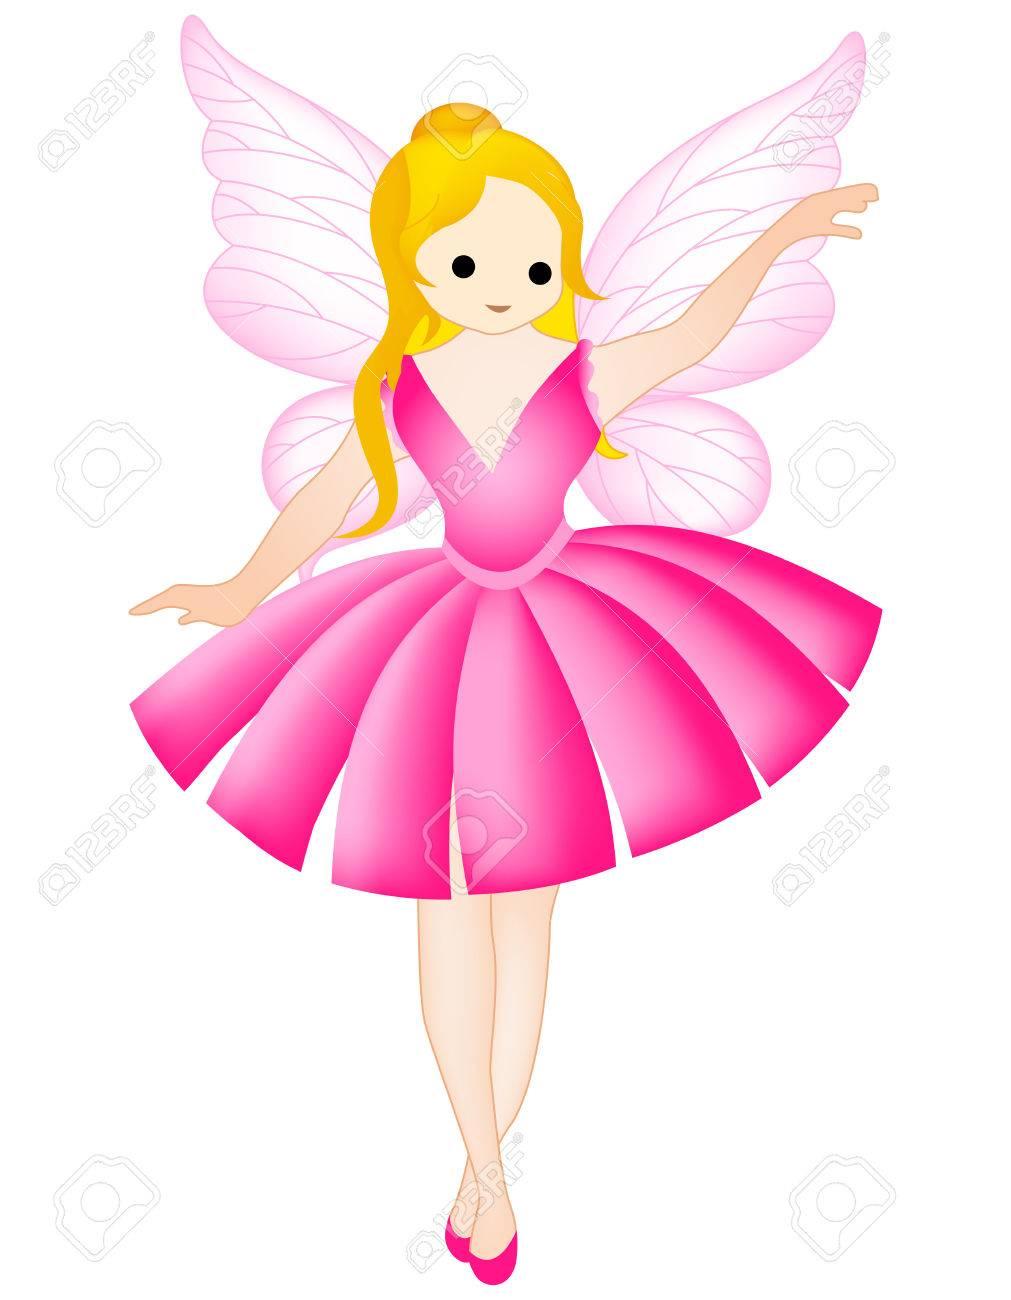 妖精天使クリップアートは白で隔離のイラスト素材ベクタ Image